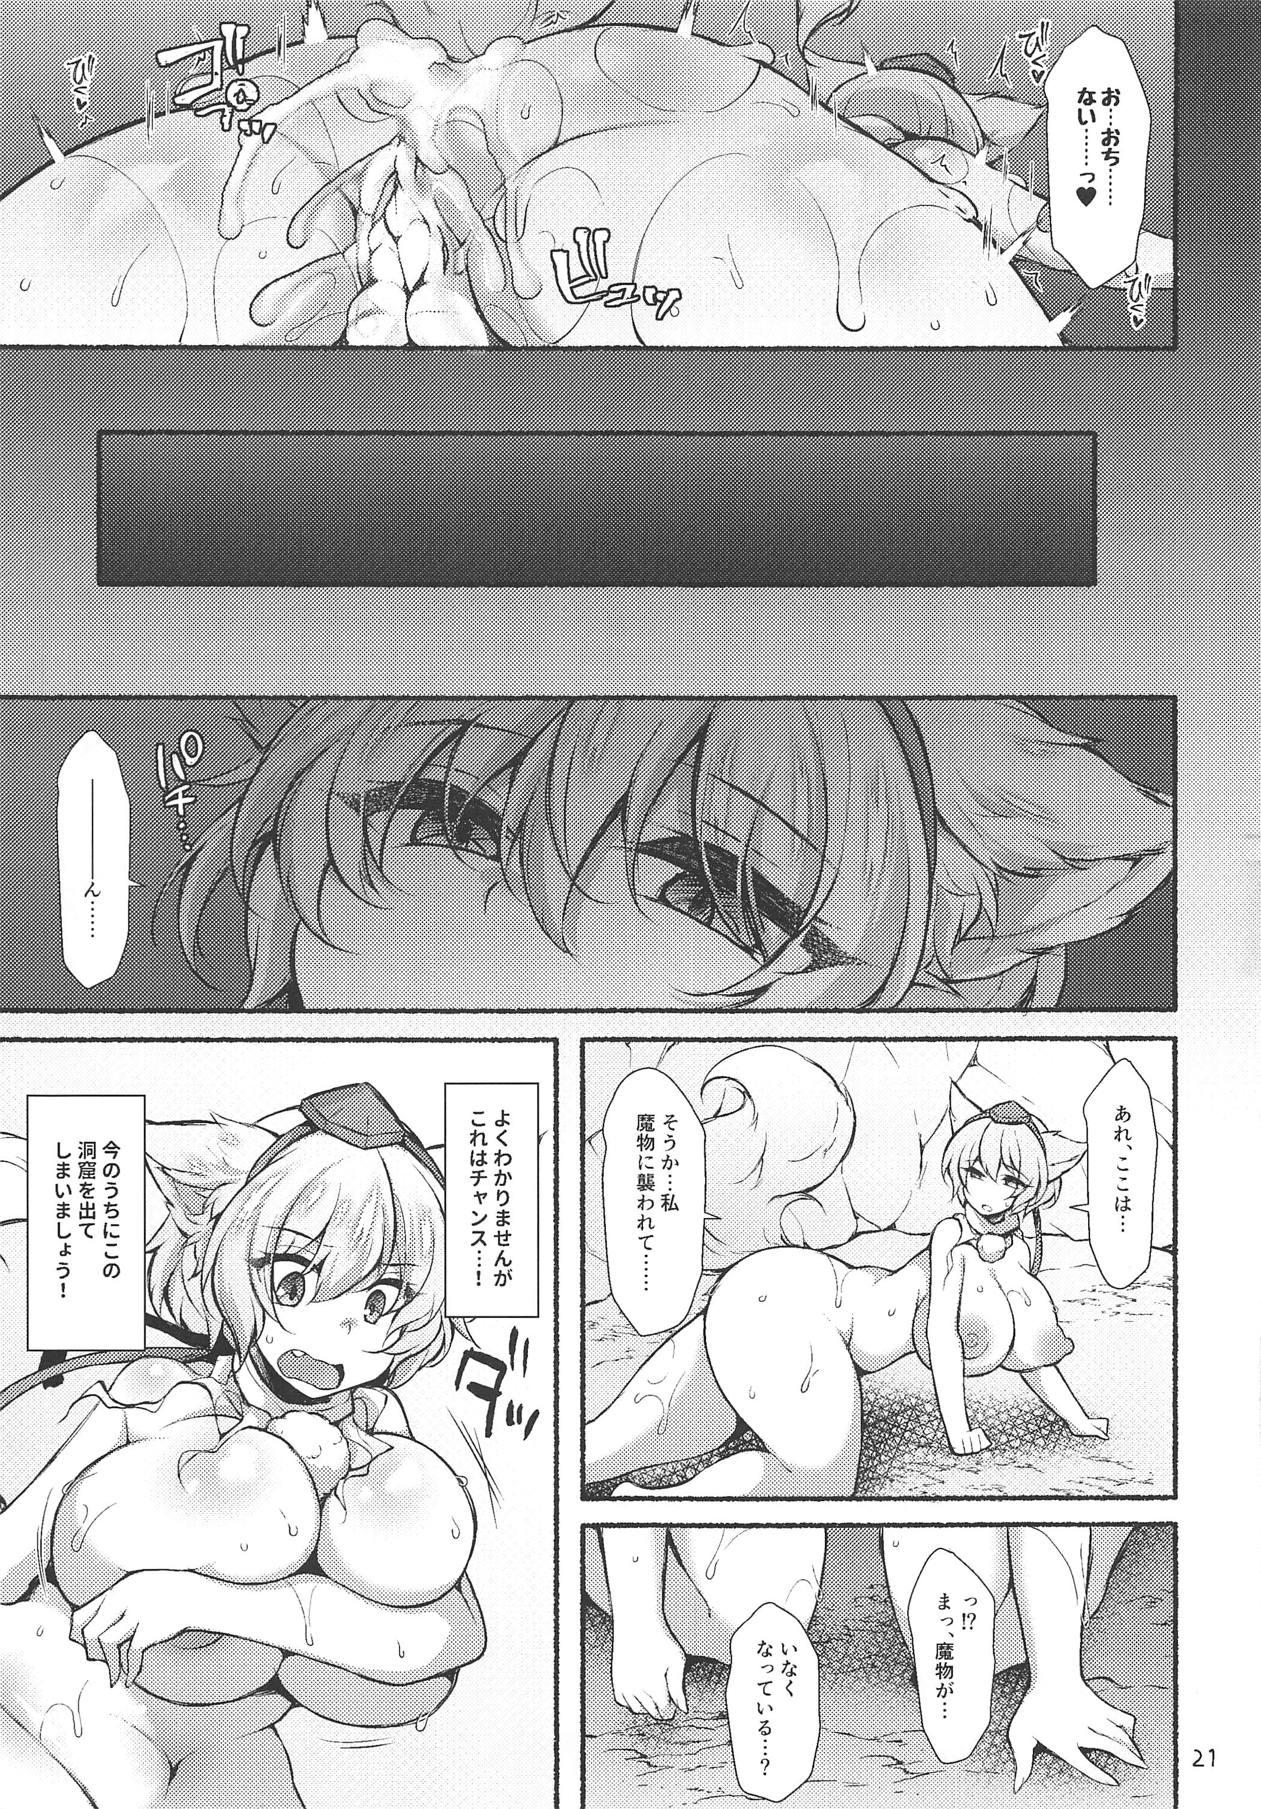 Momiji mo Mijime ni Shokushu ni Ochiru 19